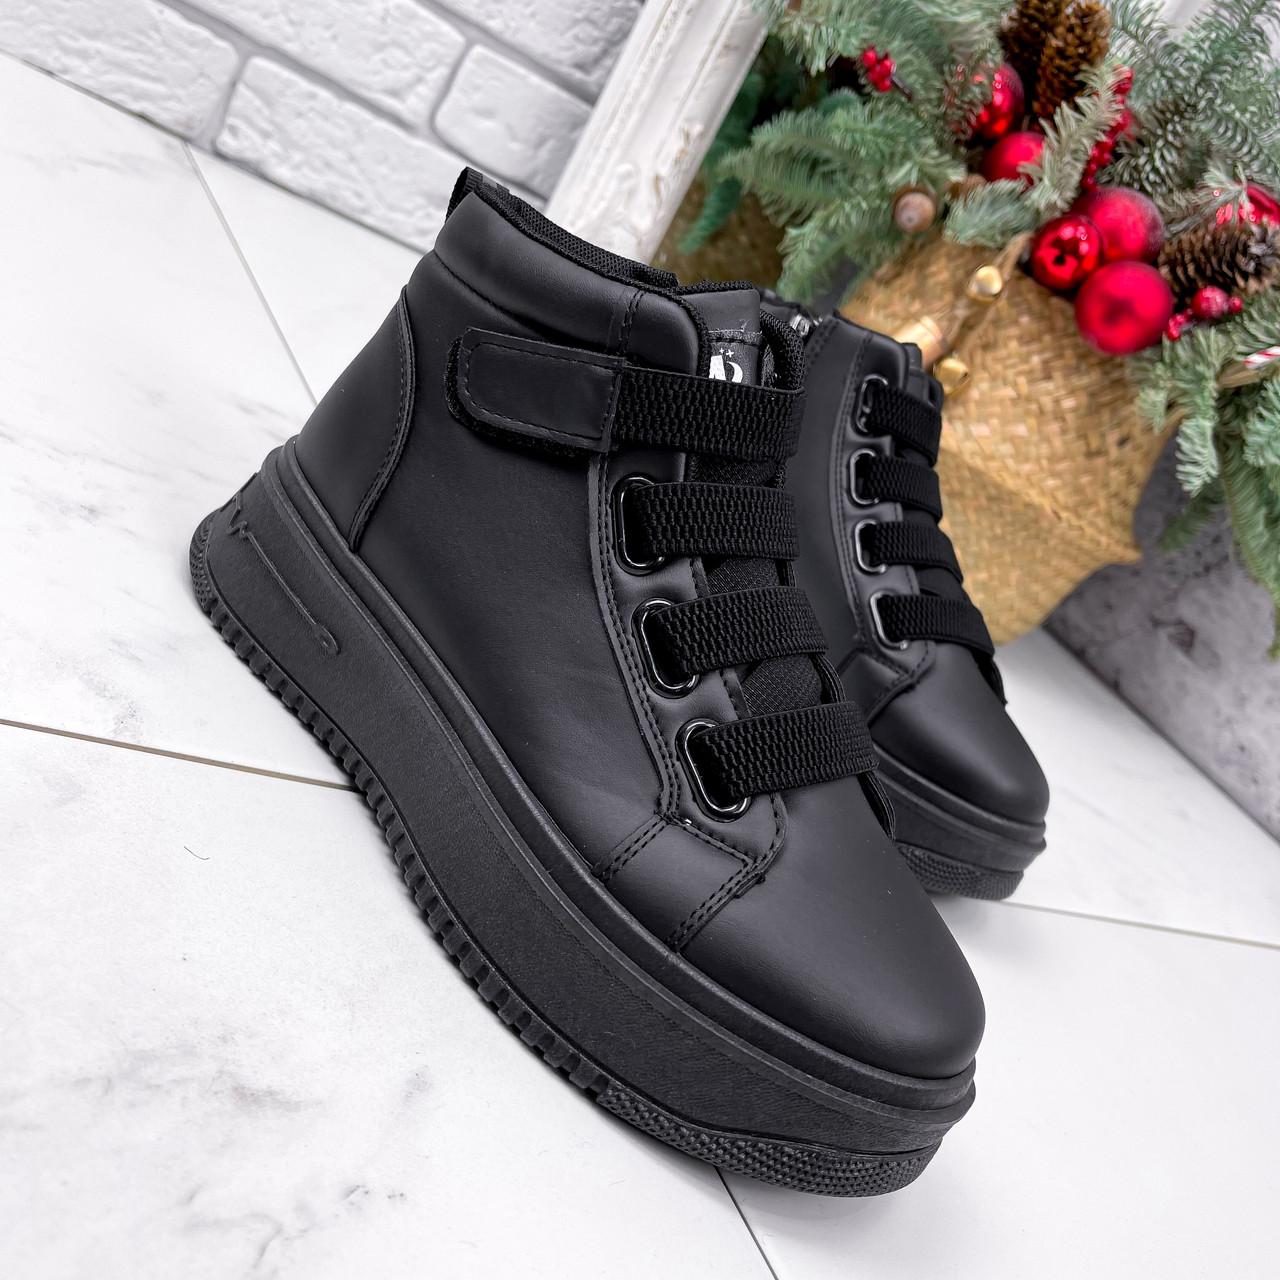 Ботинки женские Nies черные ЗИМА 2805